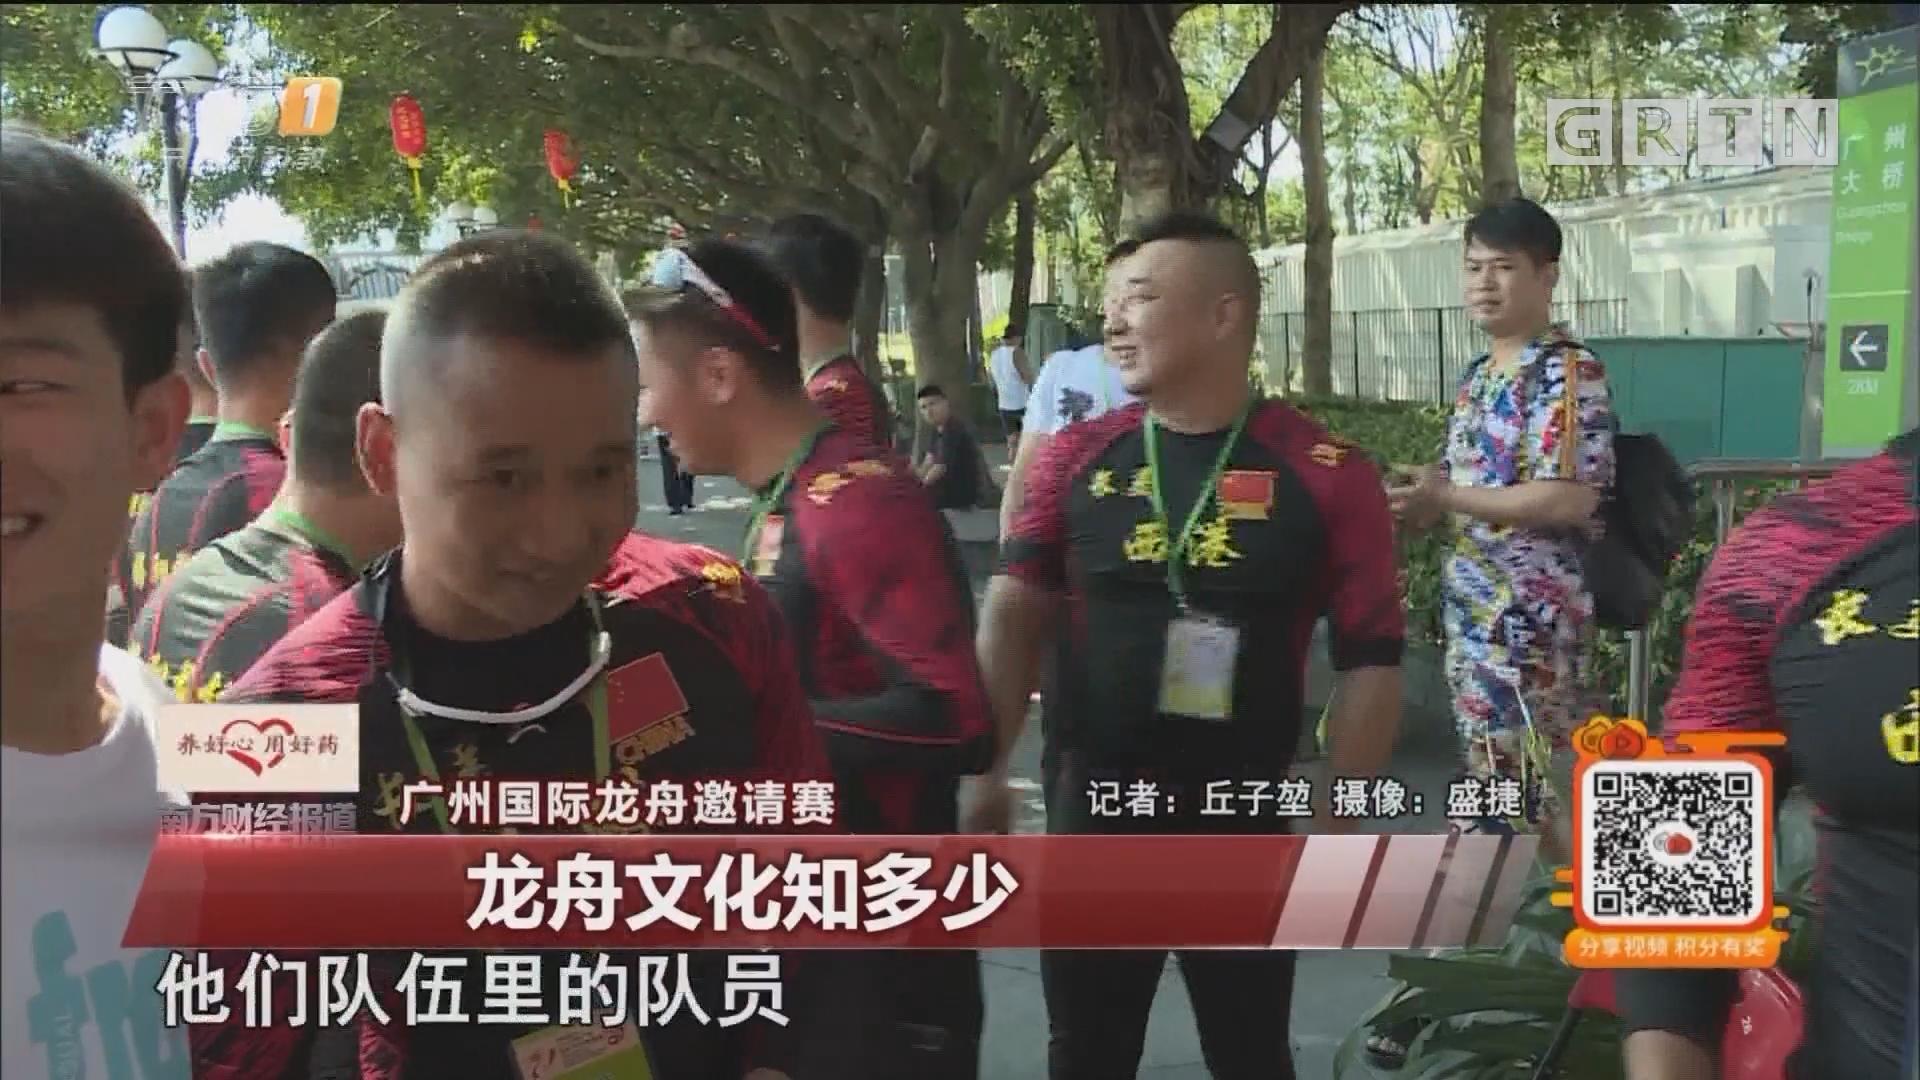 广州国际龙舟邀请赛:龙舟文化知多少